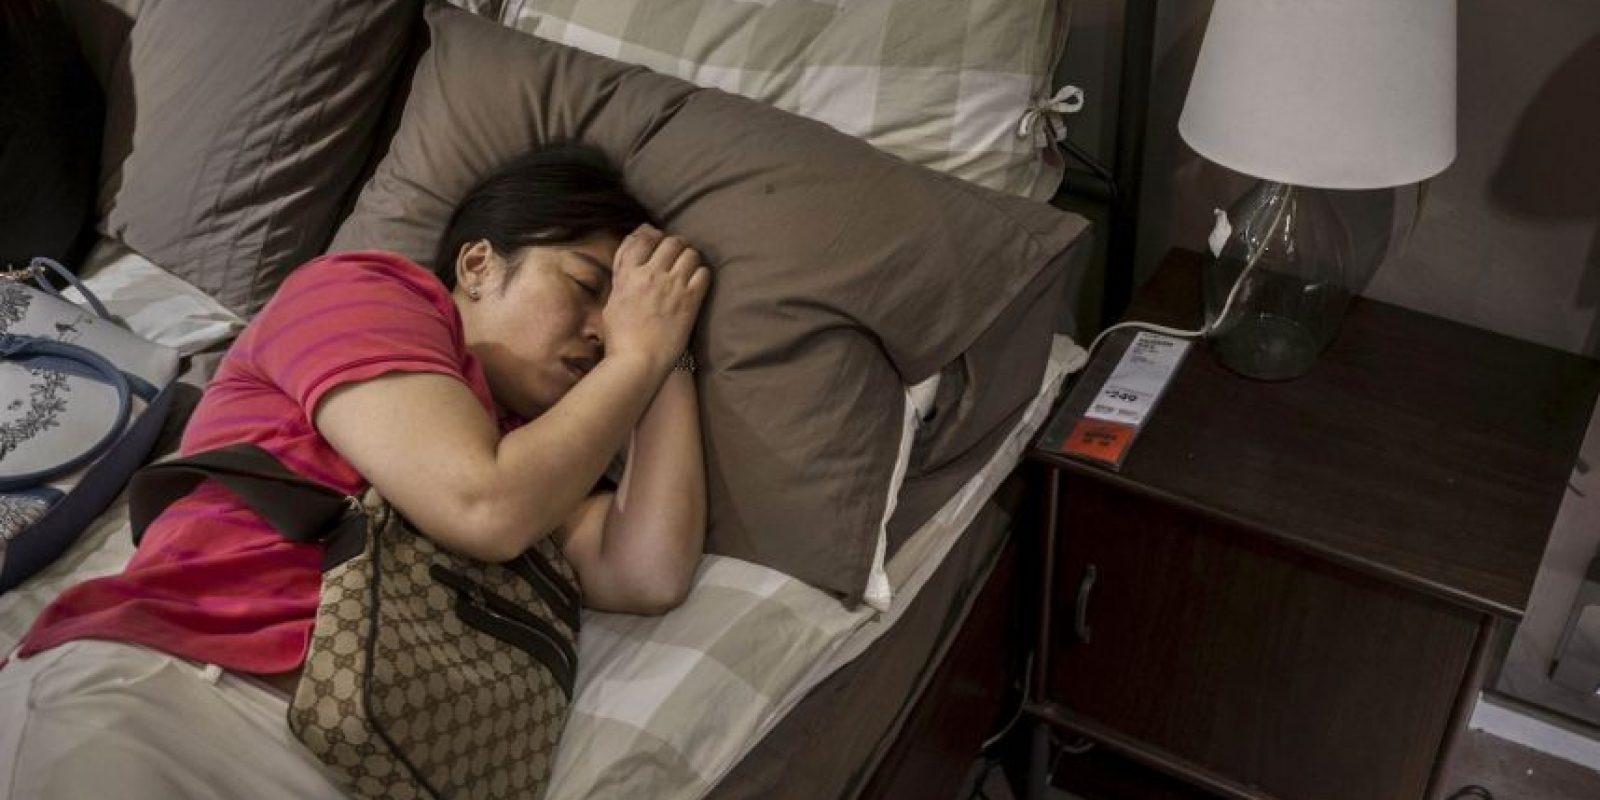 El sueño limpia la memoria a corto plazo y deja espacio para más información. En este sentido, se ha demostrado que una noche sin dormir reduce la capacidad de asimilar conocimientos en casi un 40 por ciento. Foto:Getty Images